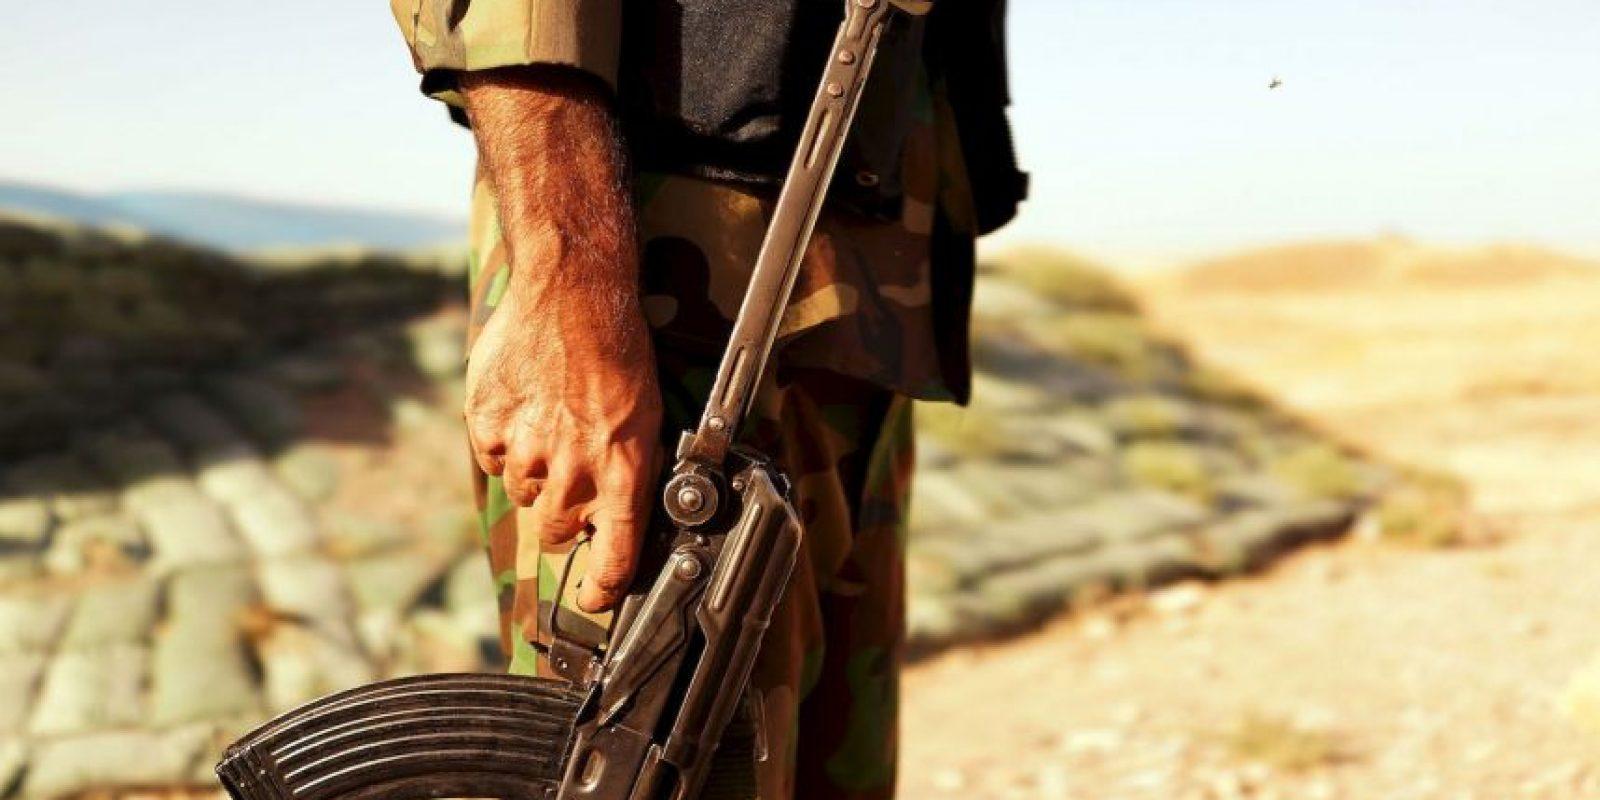 Las mujeres se convierten en esposas yihadistas. La tarea de algunas es asegurarse de que se cumpla la ley islámica. Foto:Getty